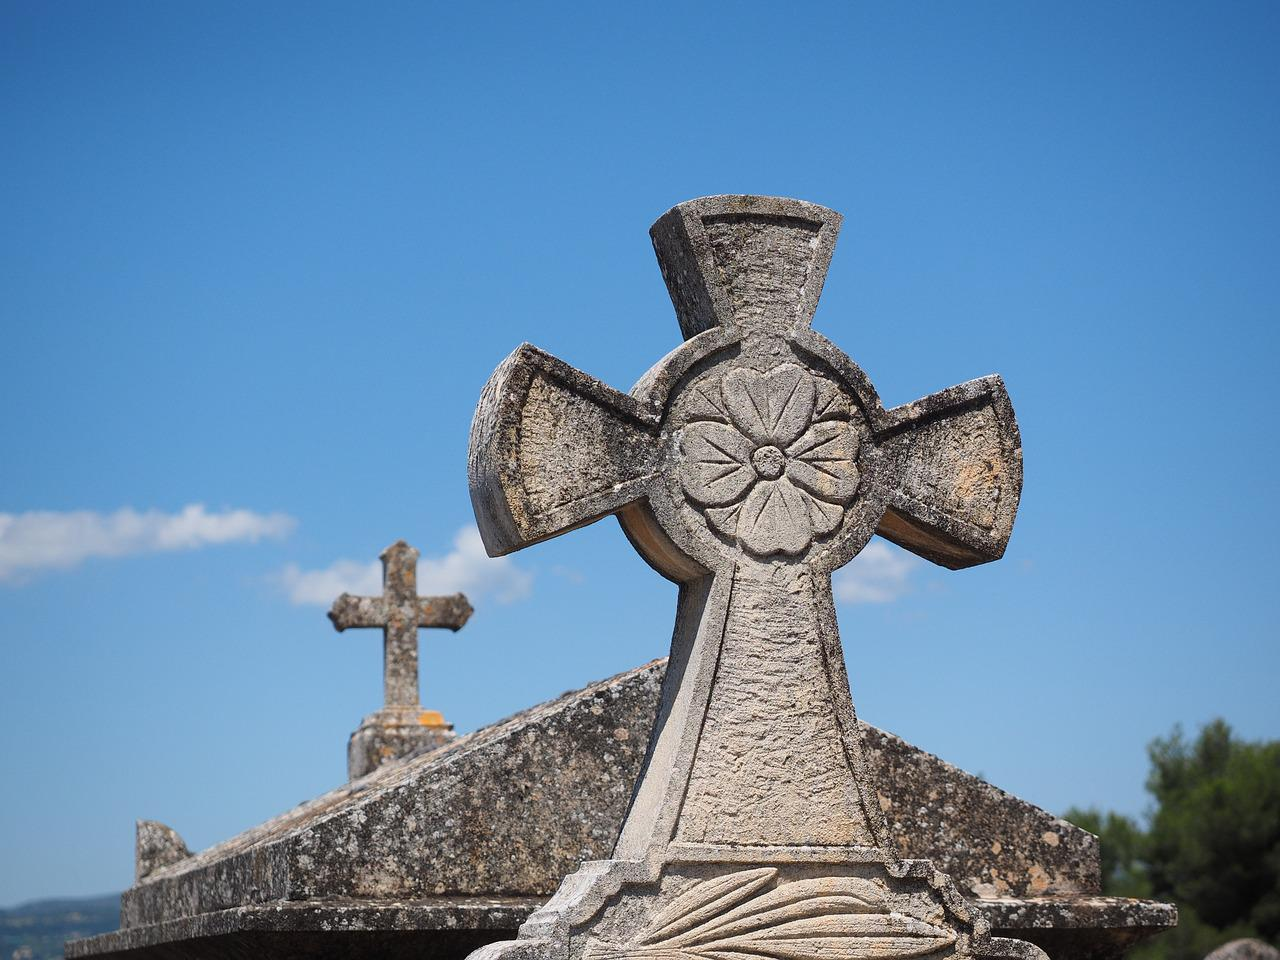 некоторое картинки всех крестов побудительное предложение соблюдайте